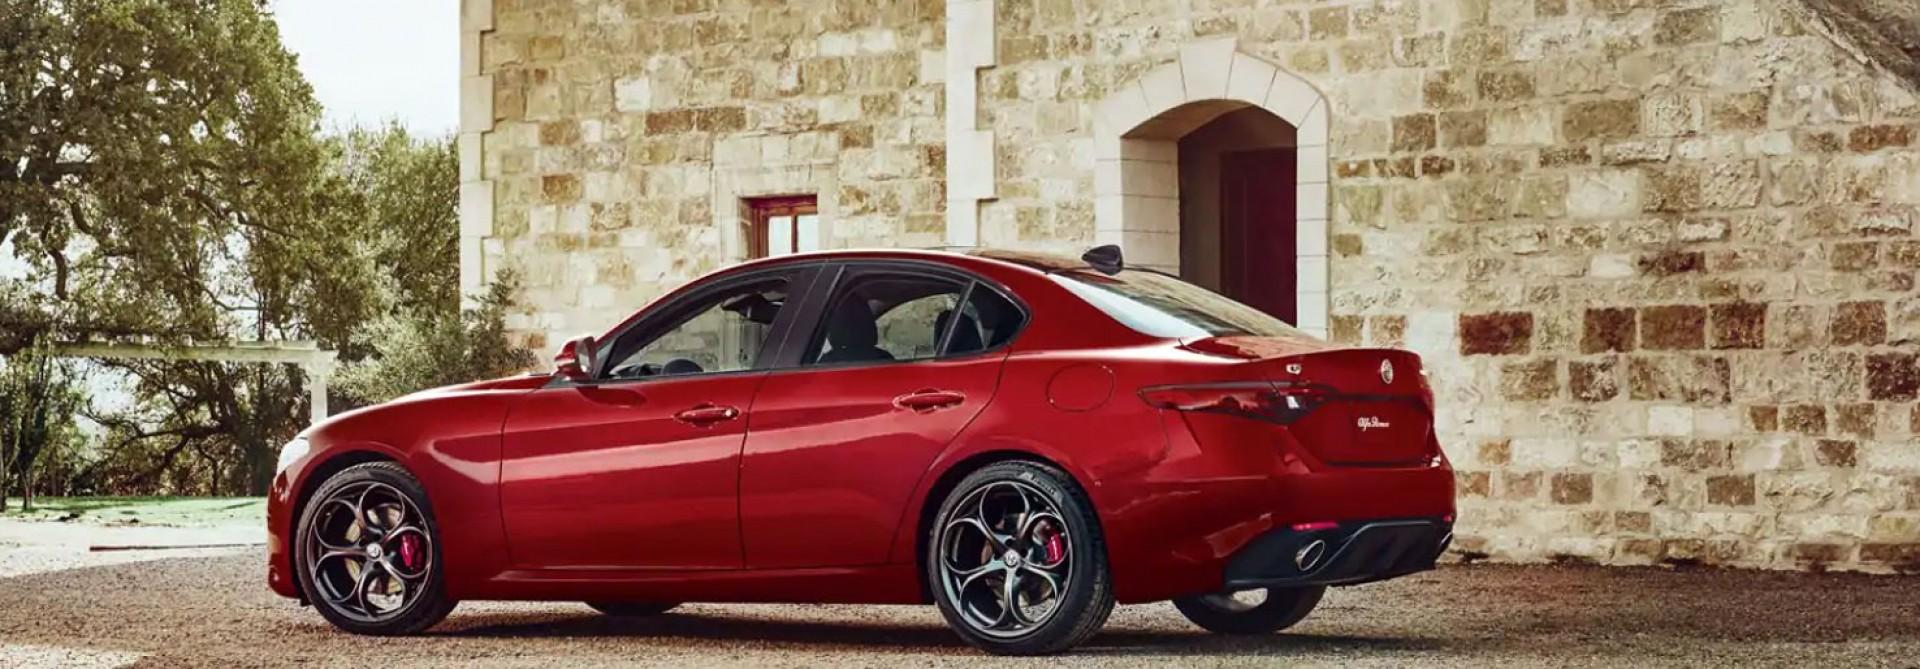 Welcome to Alfa Romeo of Ontario